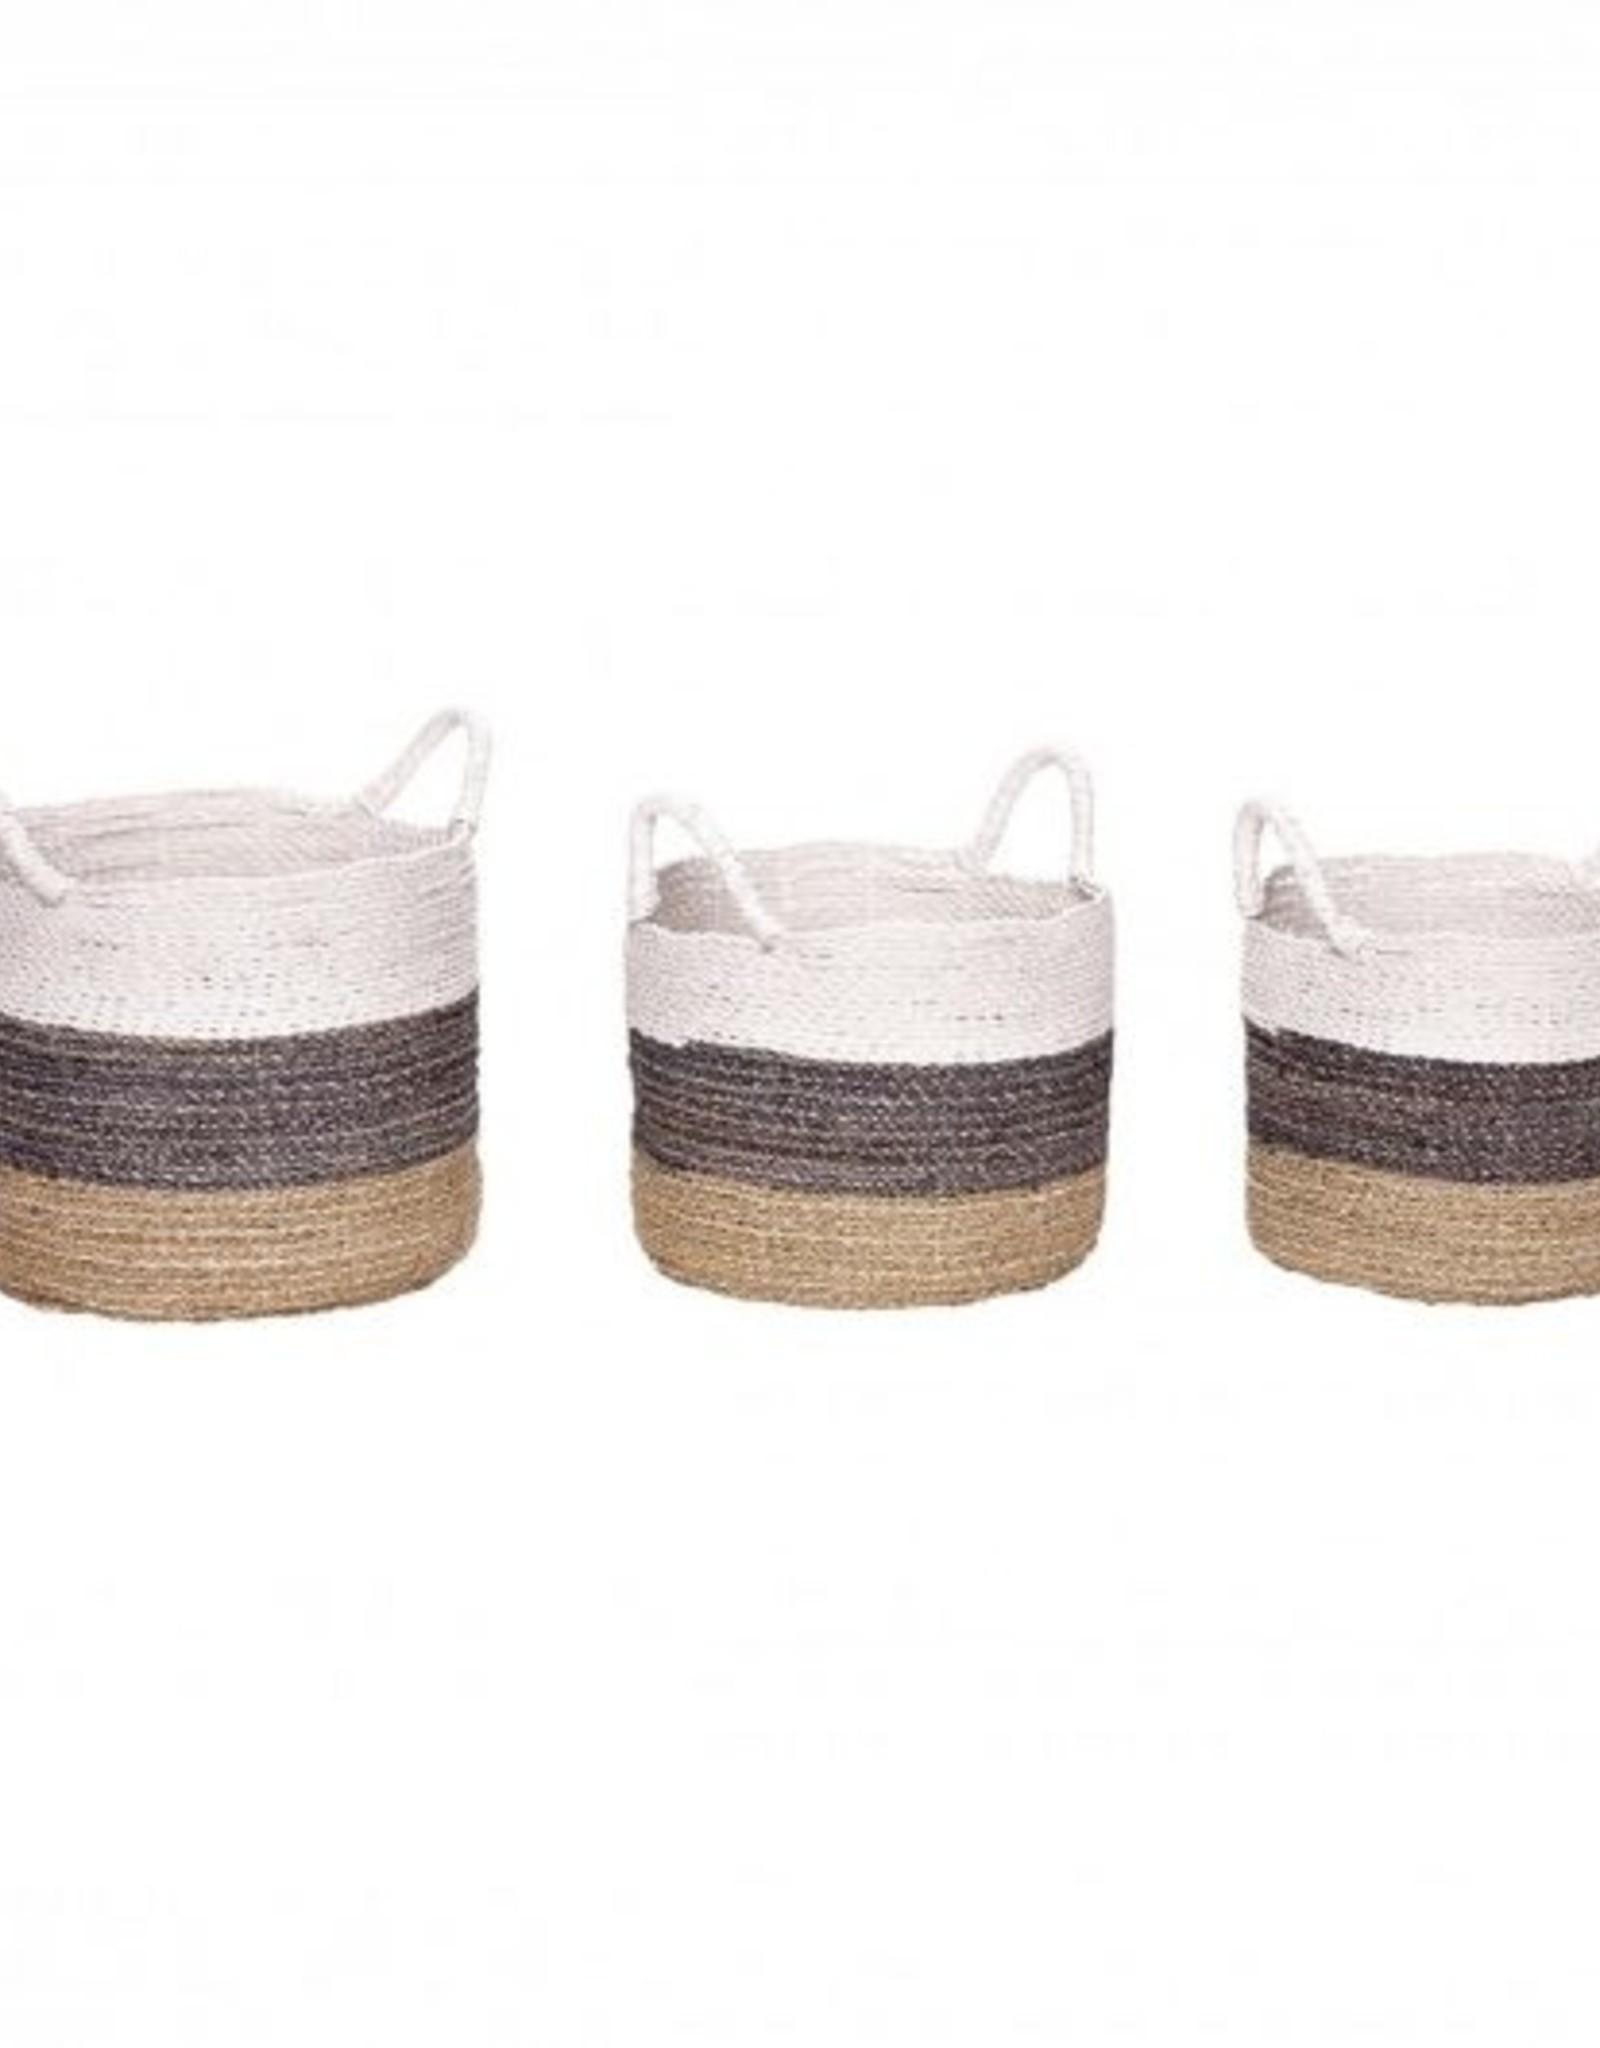 Hubsch Hubsch - Basket with white edge, round, seagrass - Large